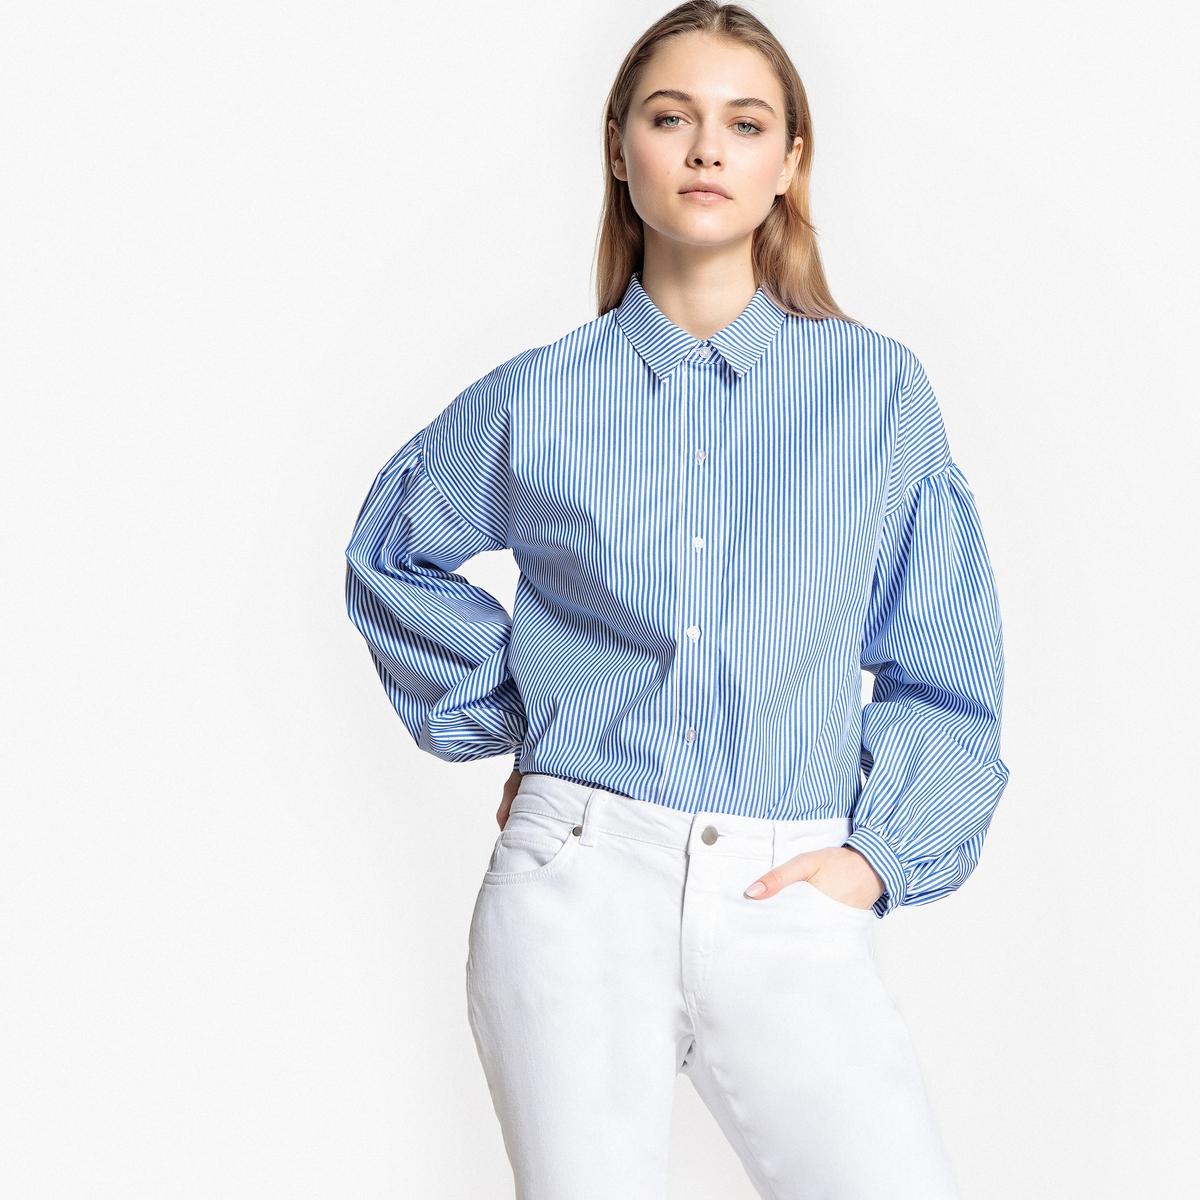 Блузка свободного покроя в стиле бойфренд, с длинными рукавами